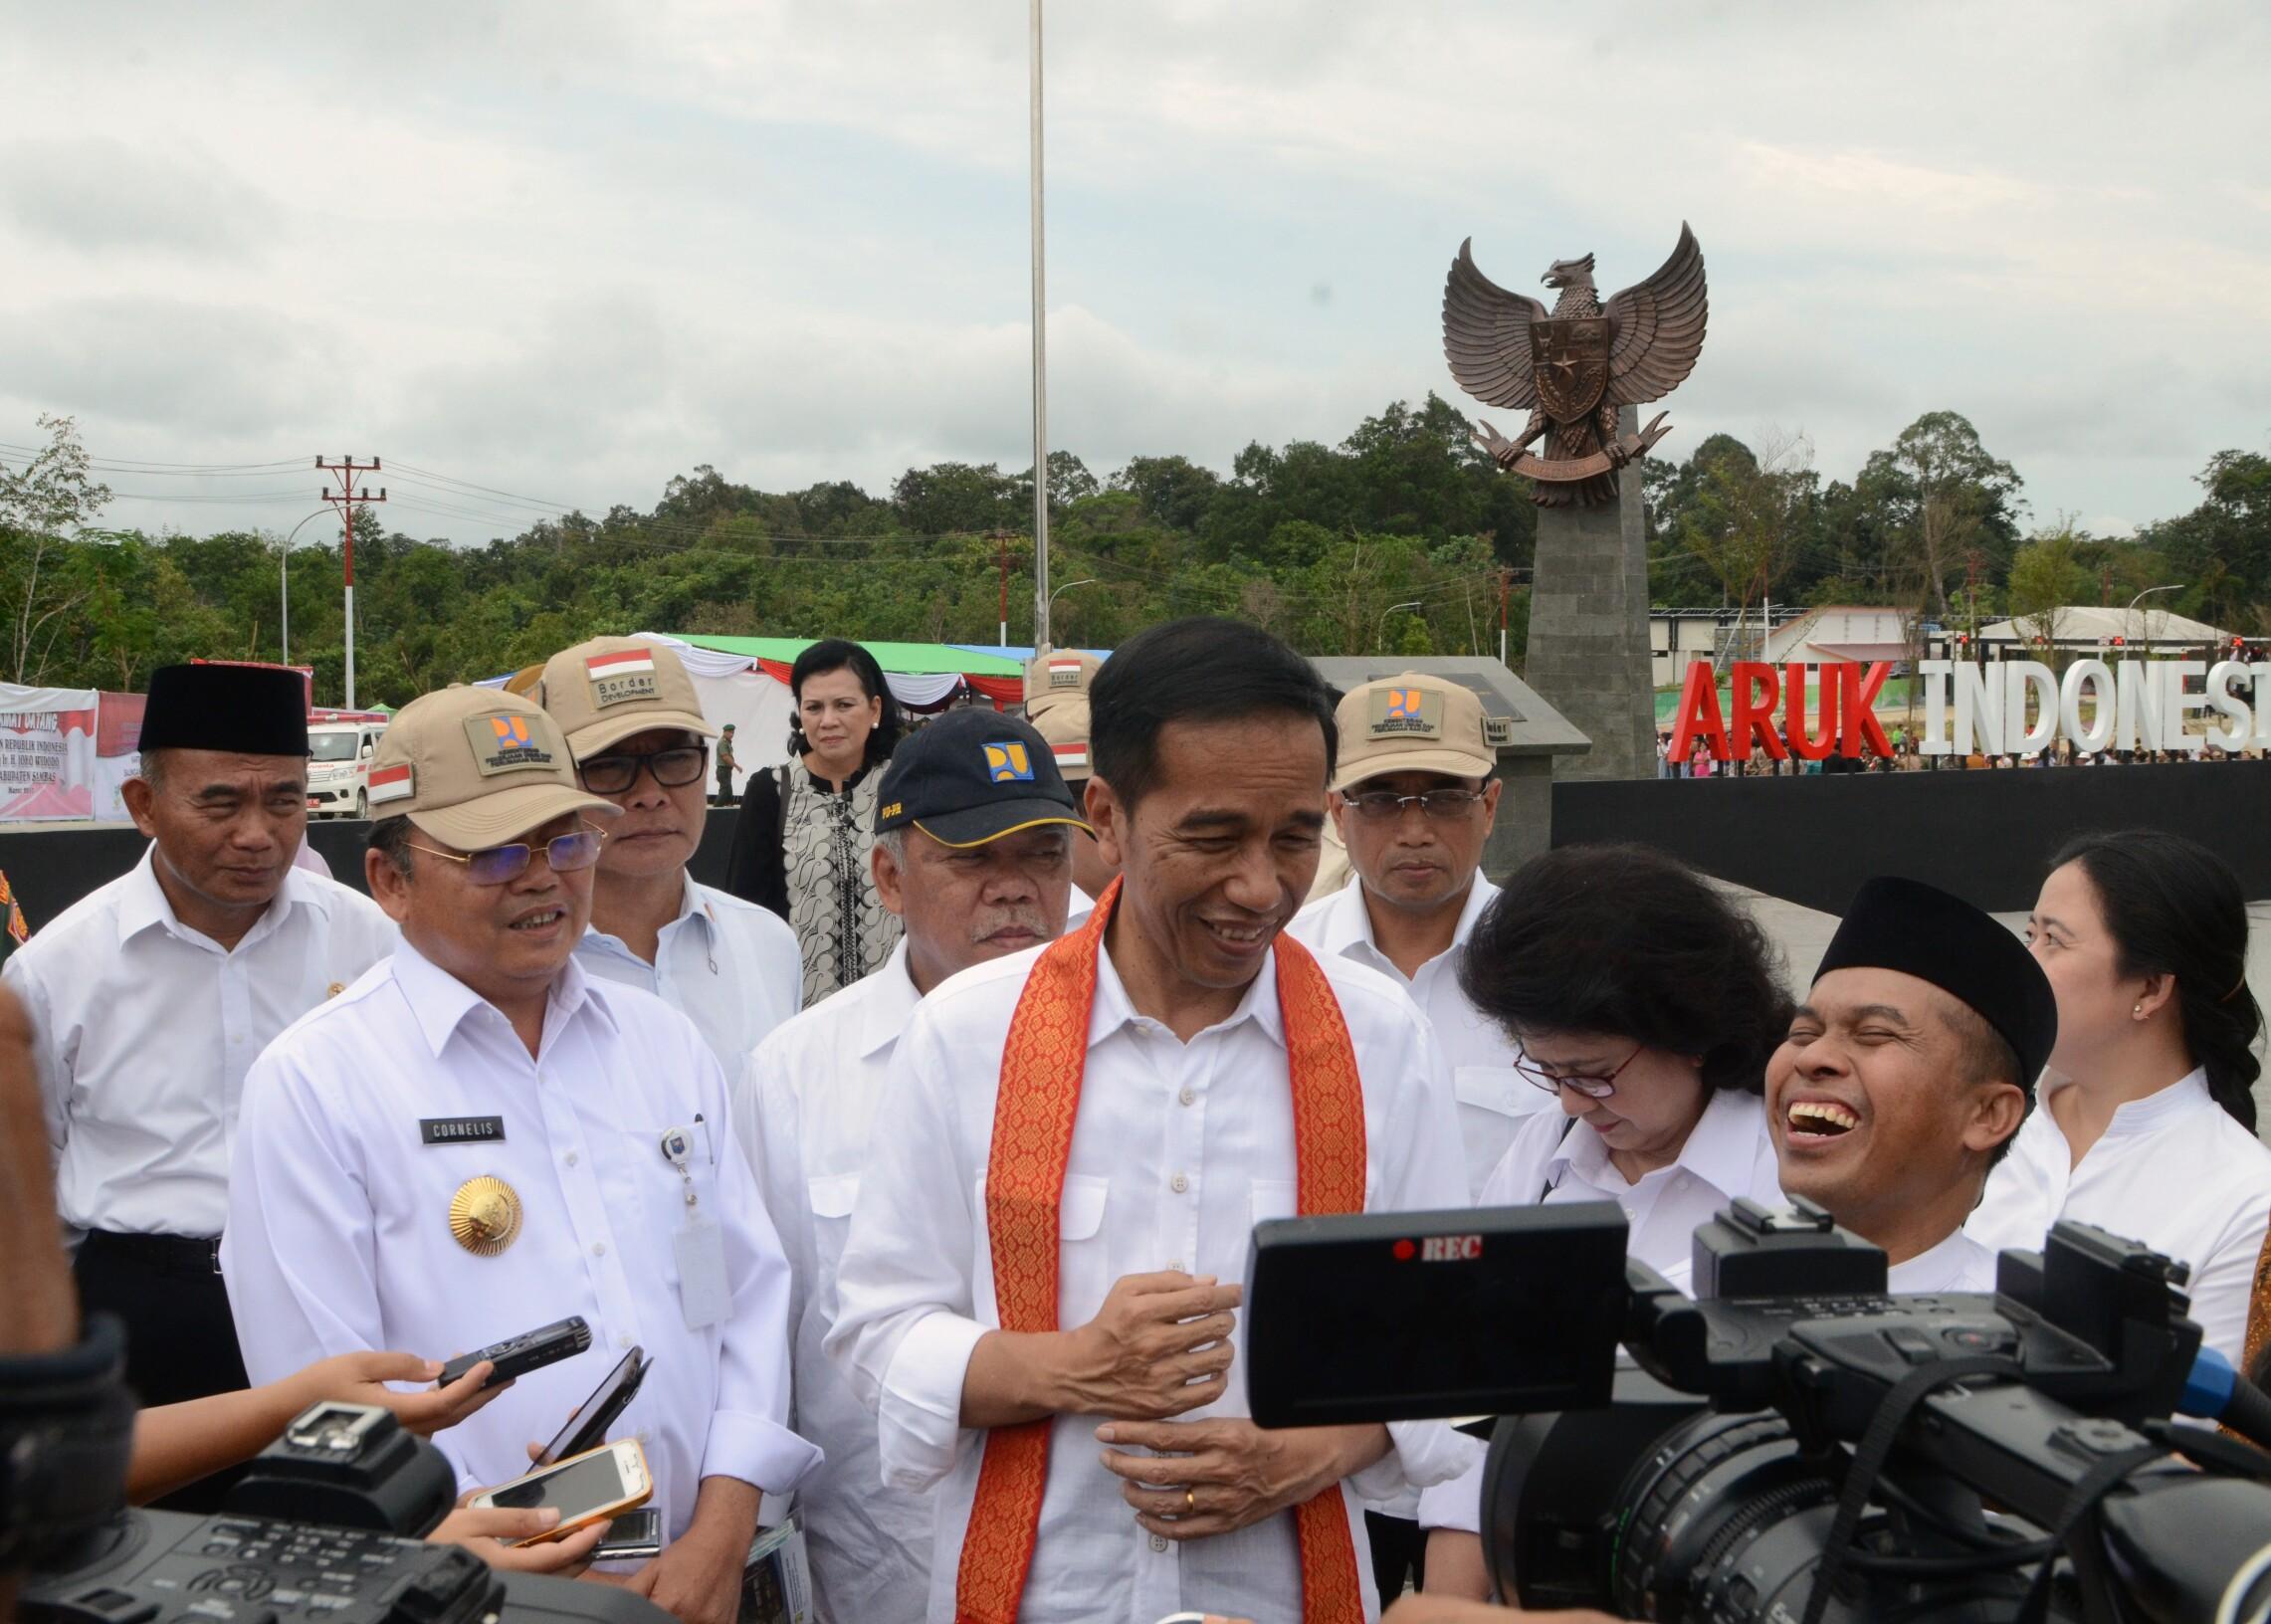 Presiden Jokowi saat menjawab pertanyaan wartawan di PLBN Aruk, Kalbar (17/3). (Foto: Humas/ Anggun)